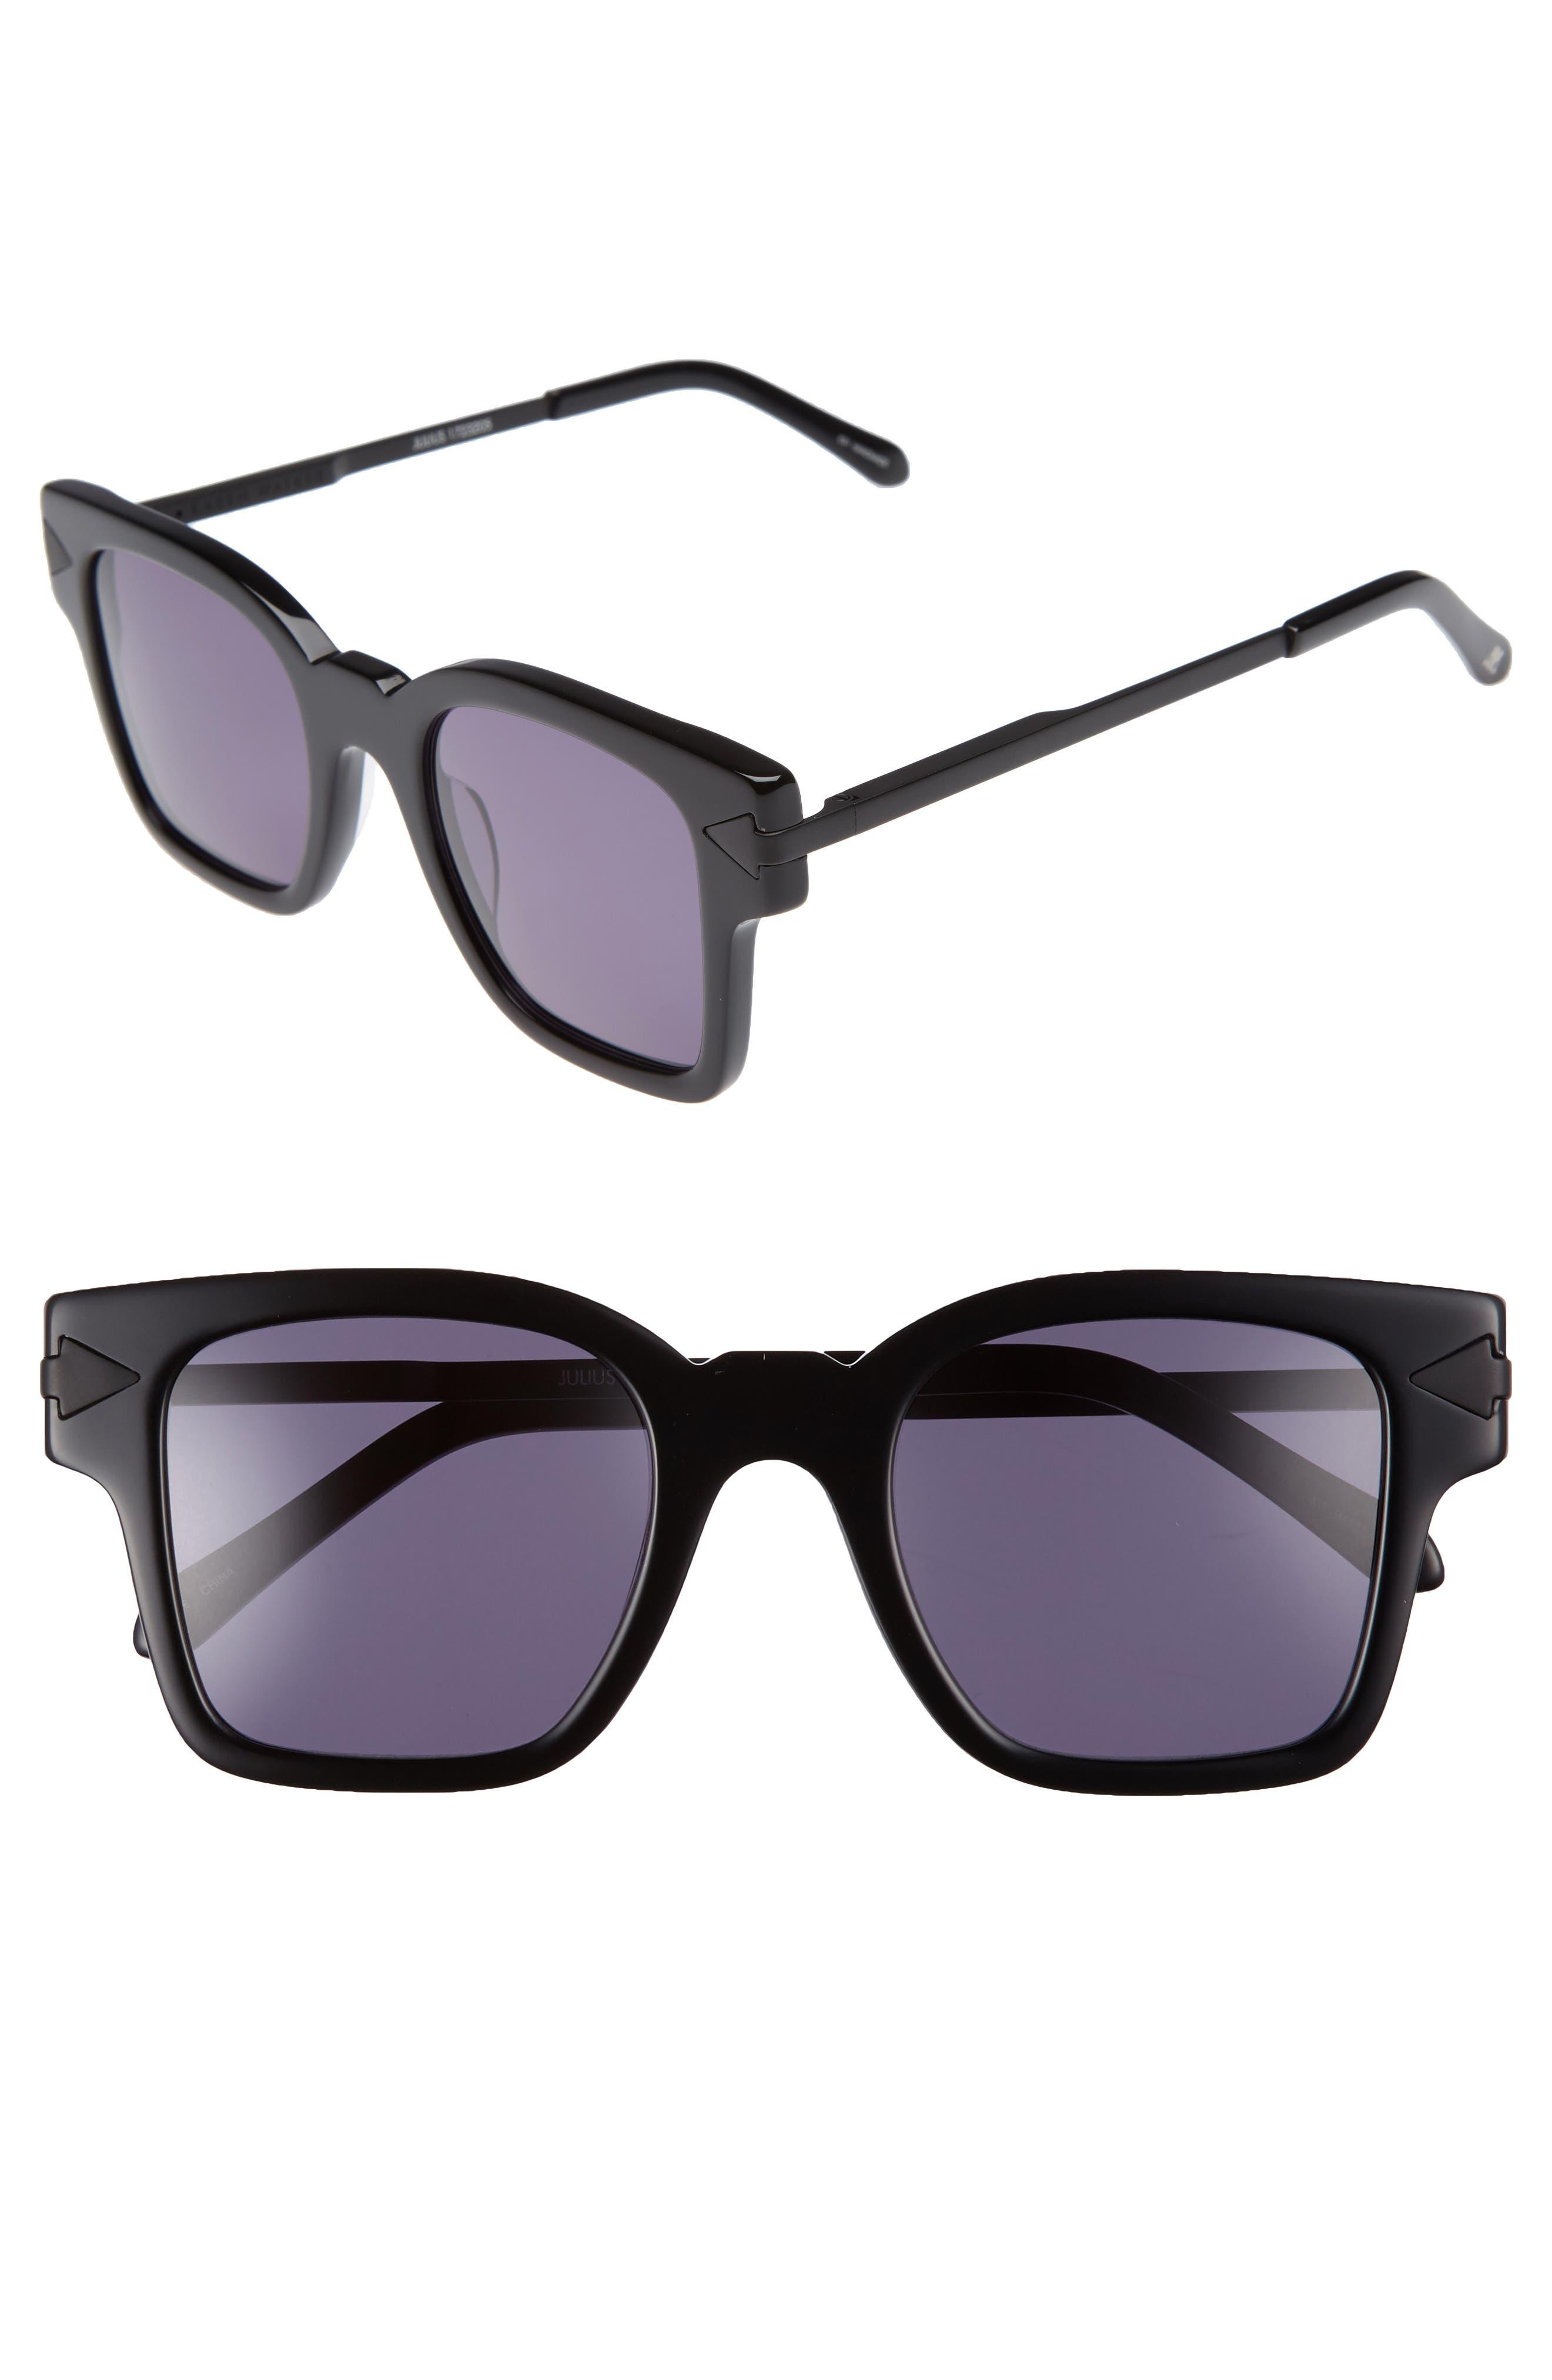 Main Image - Karen Walker x Monumental Julius 49mm Square Sunglasses